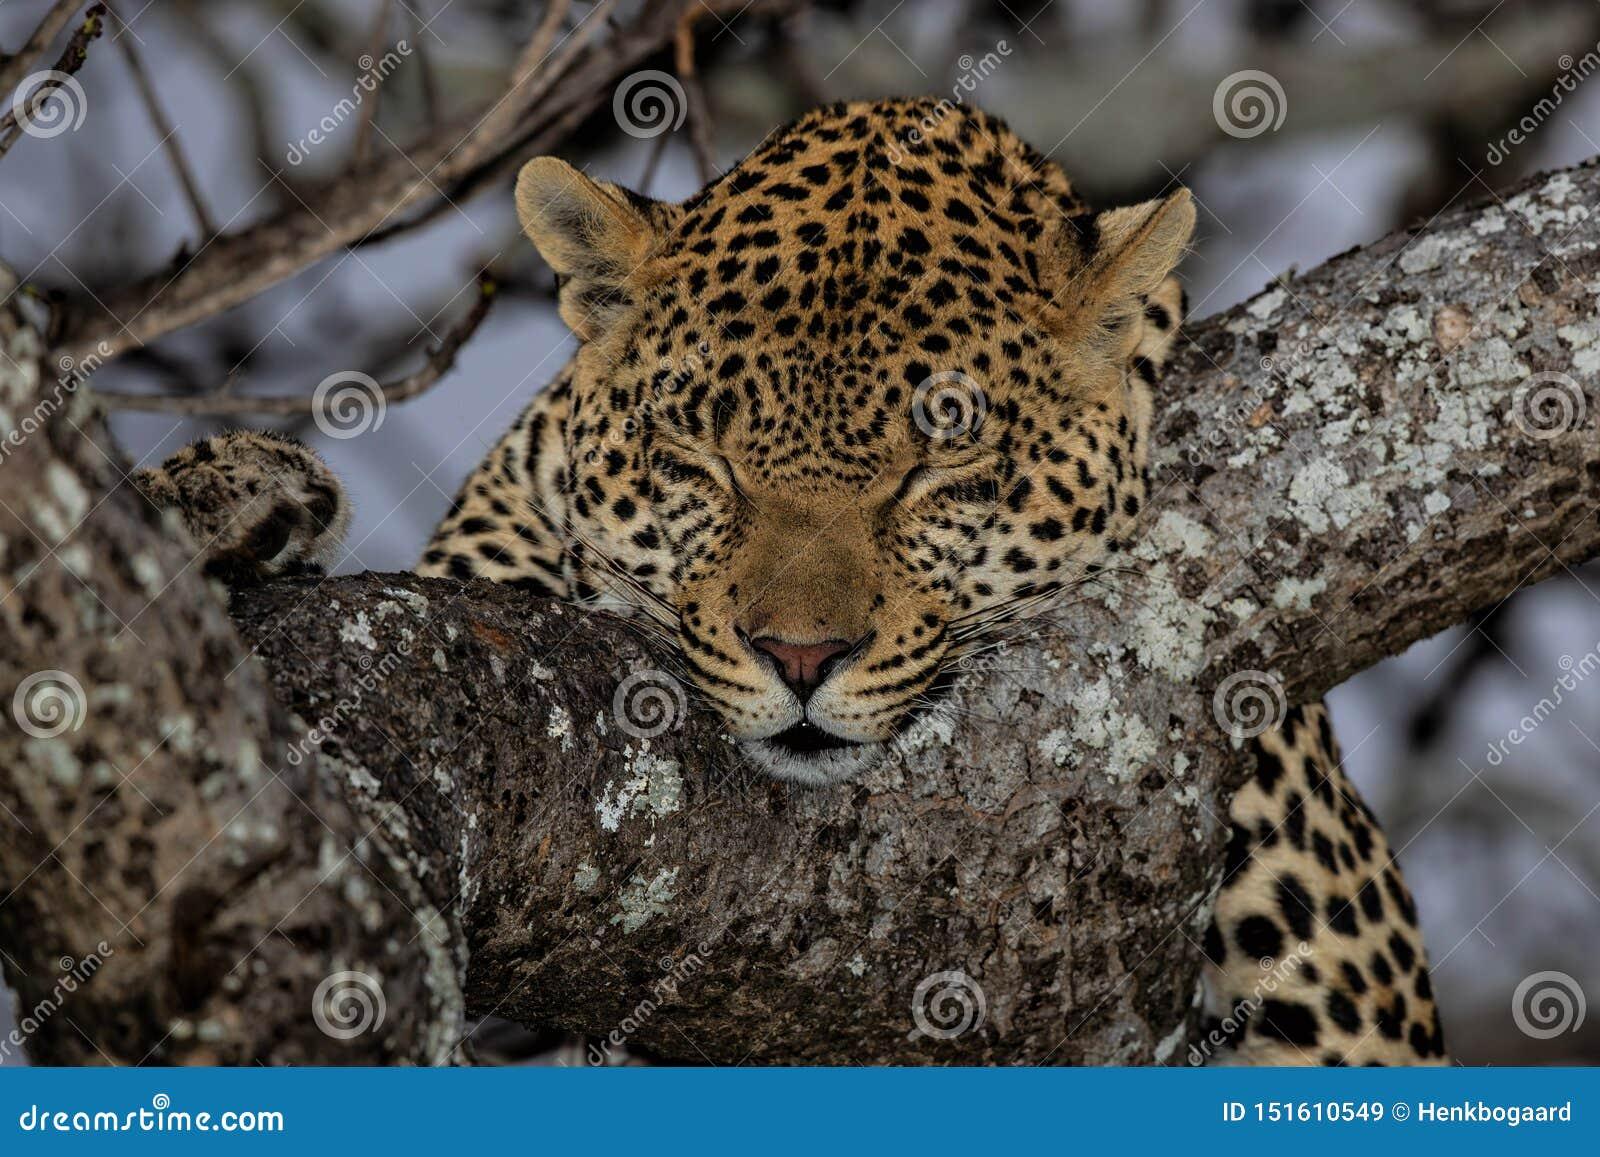 Leopardschlafen